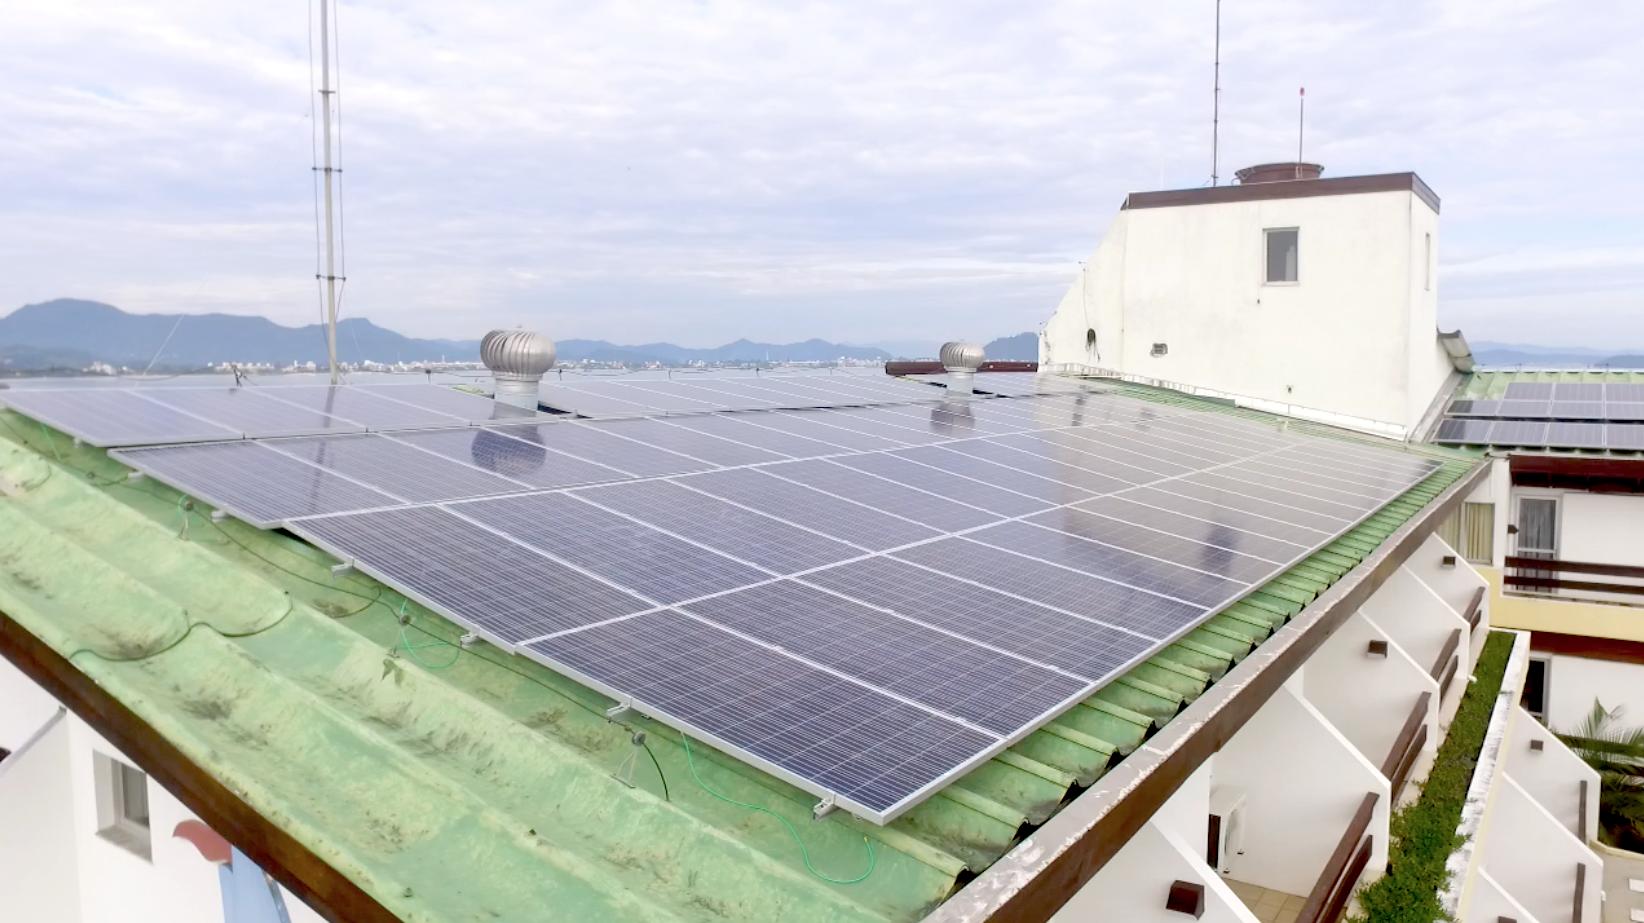 hotel-costa-norte-projeto-solar9